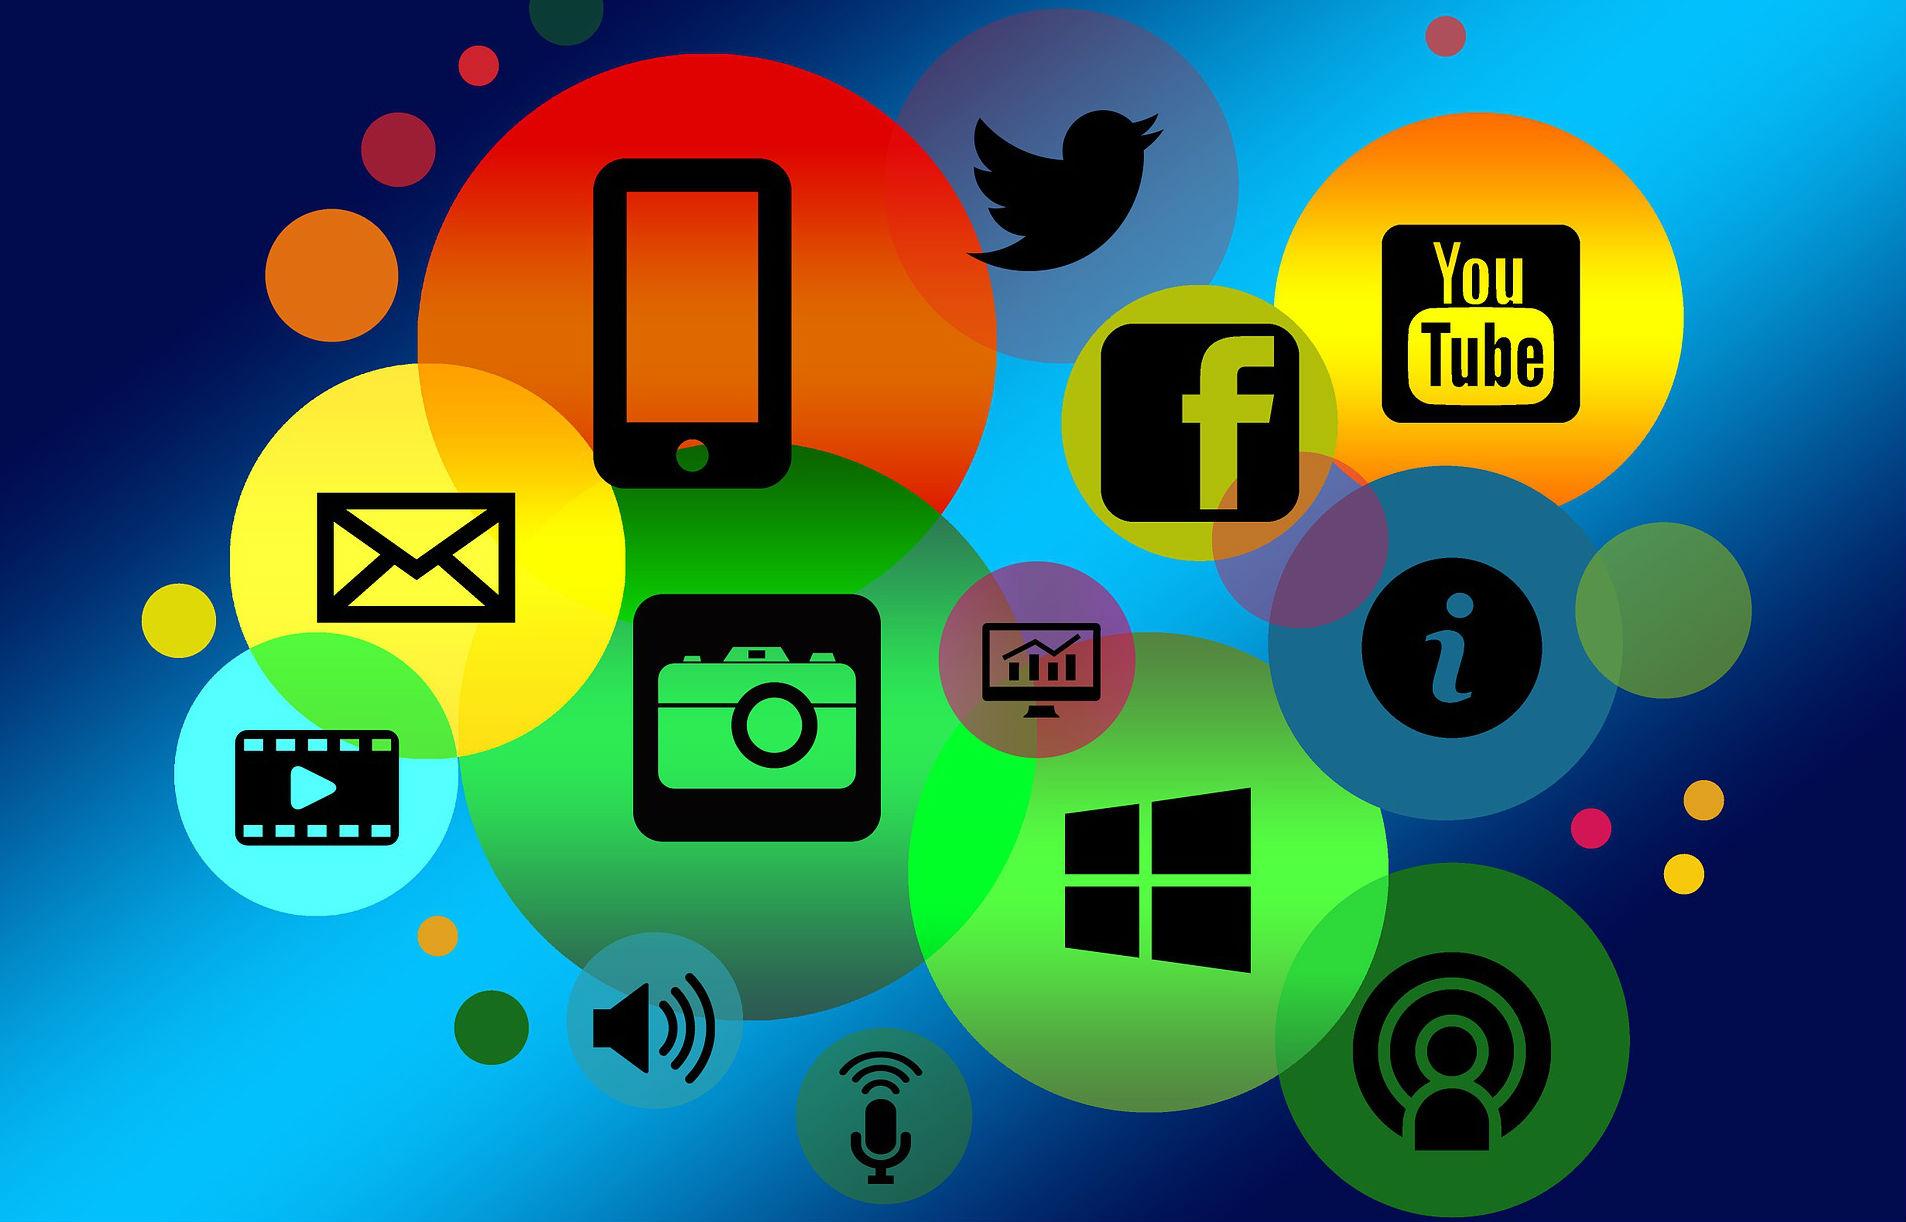 2018'e Damgasını Vuracak Dijital Trendler Neler Olacak?